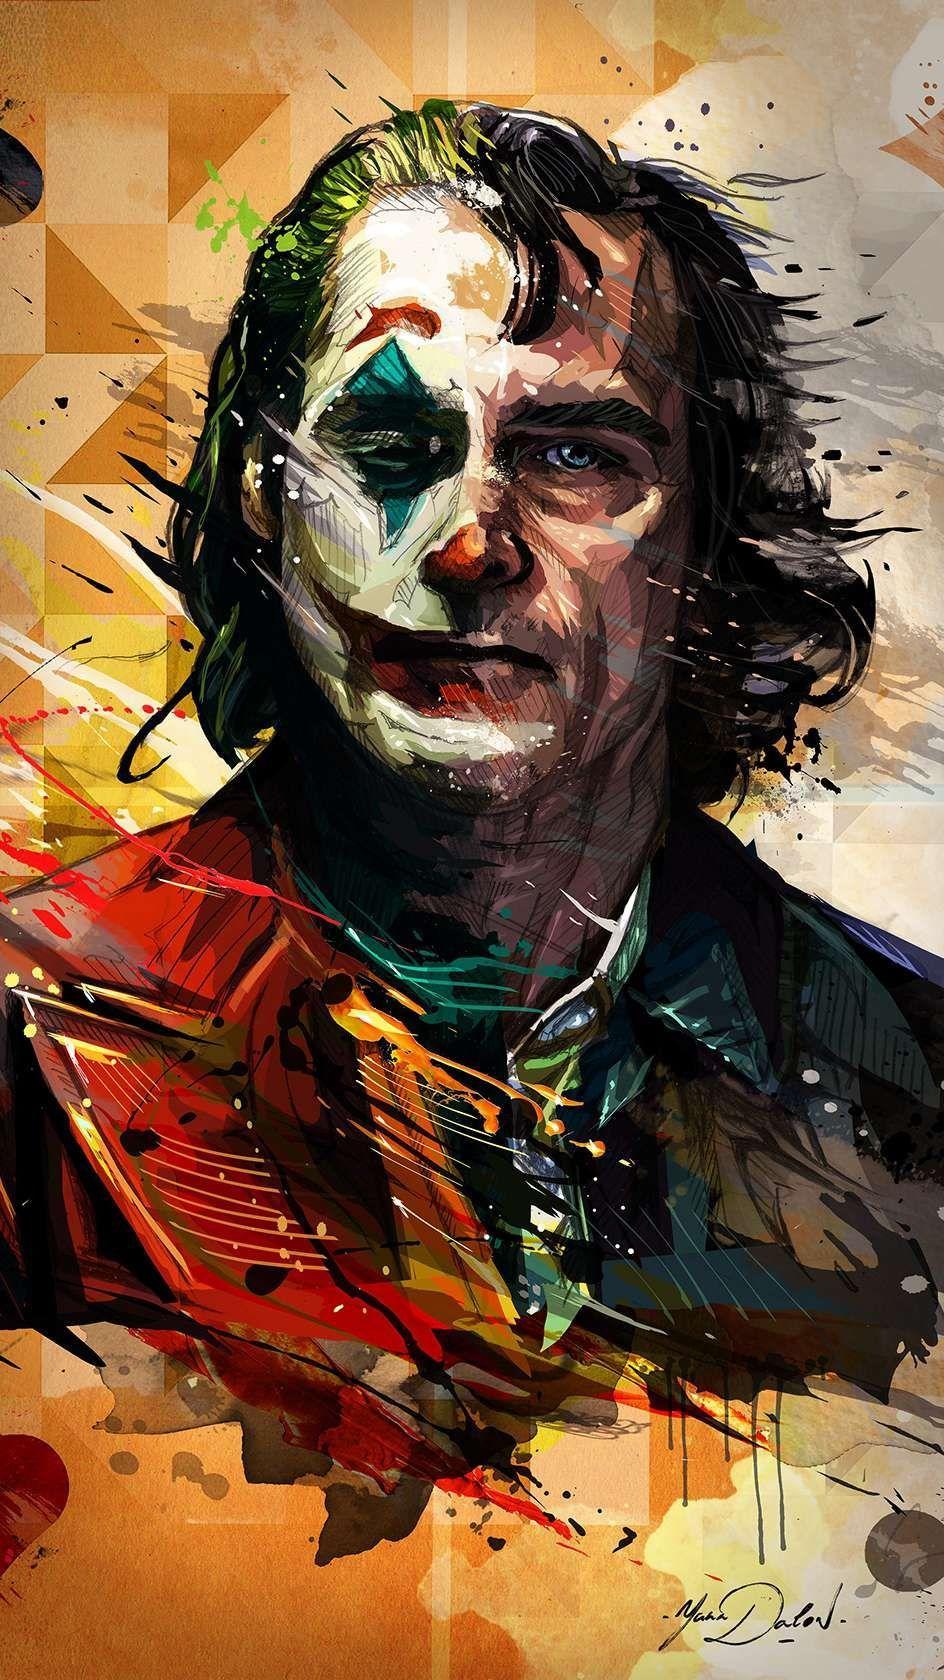 Pin By Rochehat Pardede On Cooke In 2020 Joker Drawings Joker Artwork Joker Wallpapers